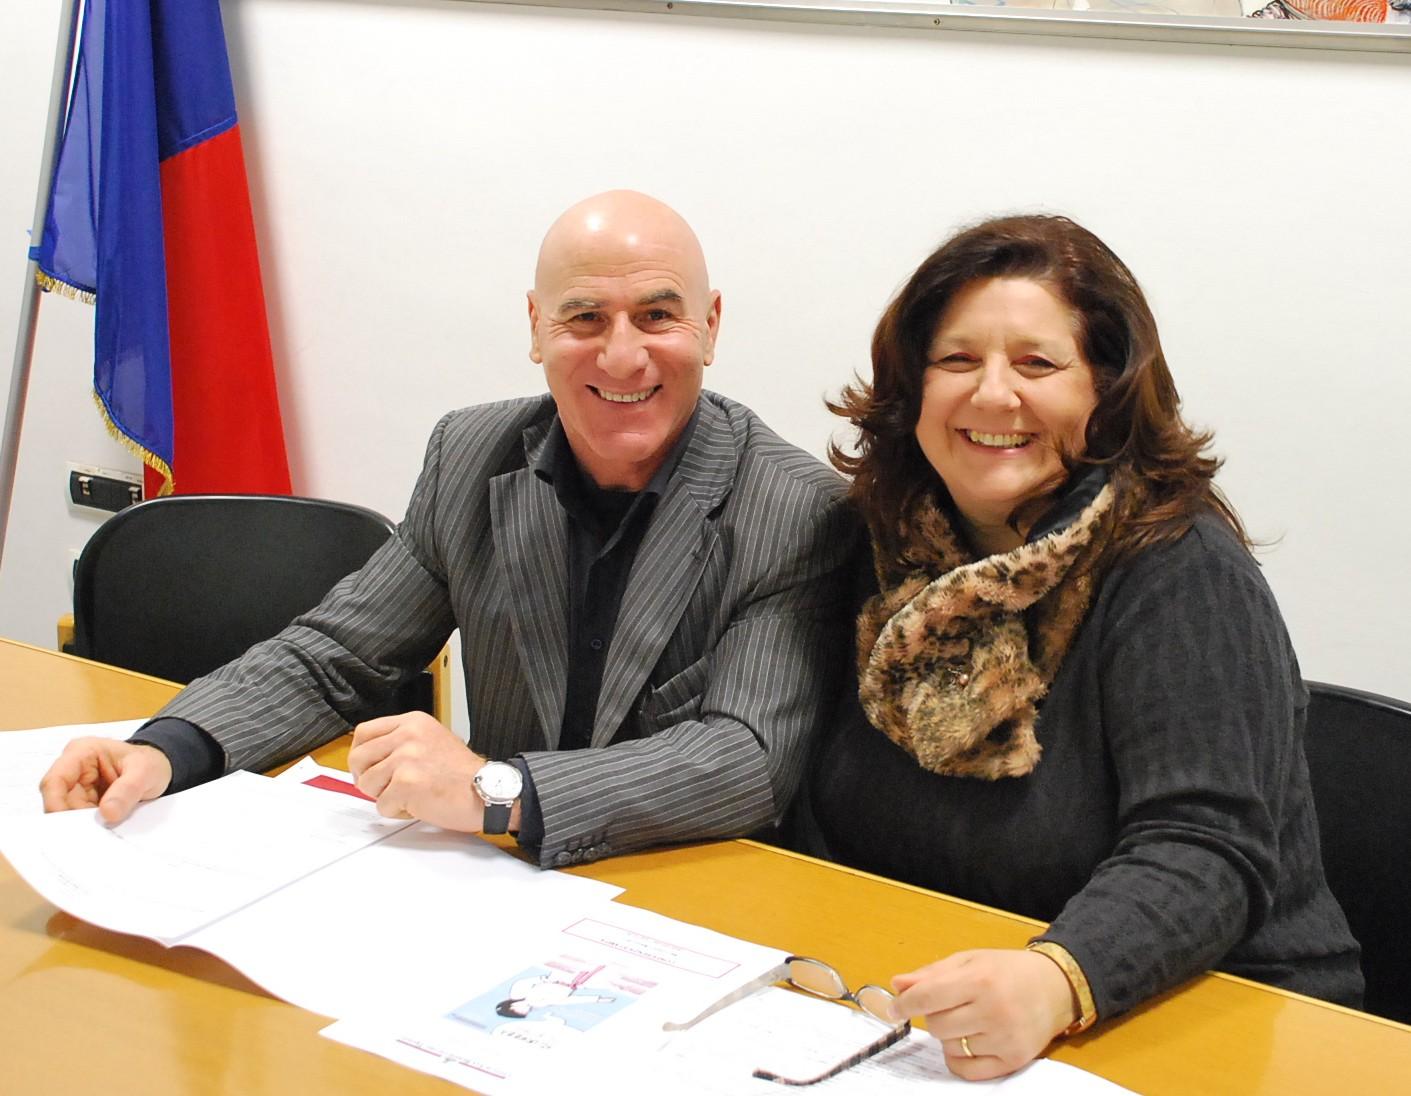 Palma Del Zompo col maestro Aloia